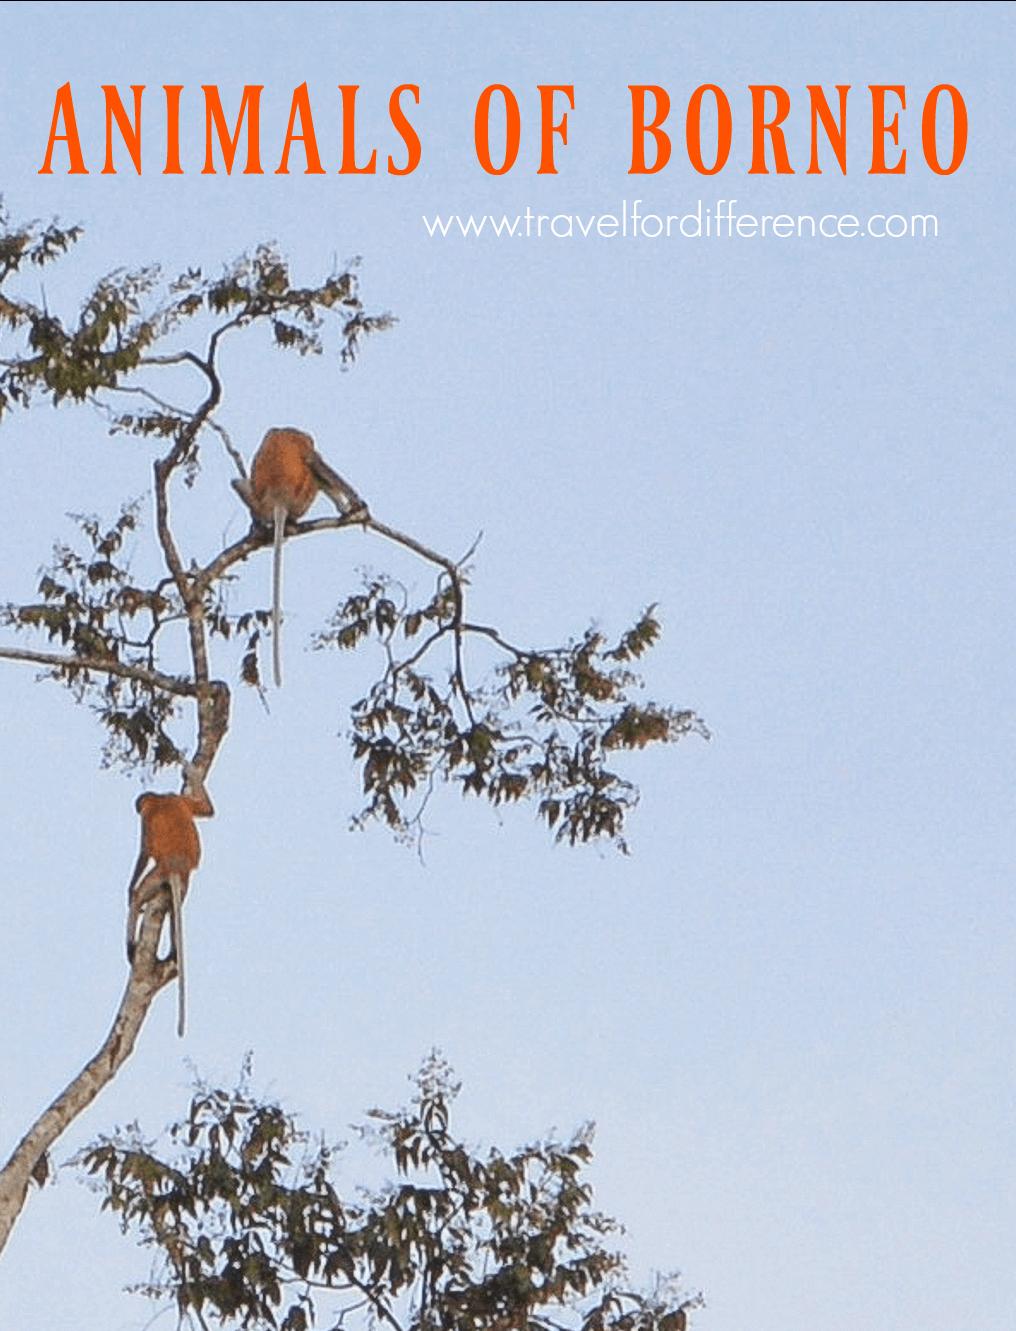 2 Proboscis Monkeys in a tree with text overlay - Animals of Borneo